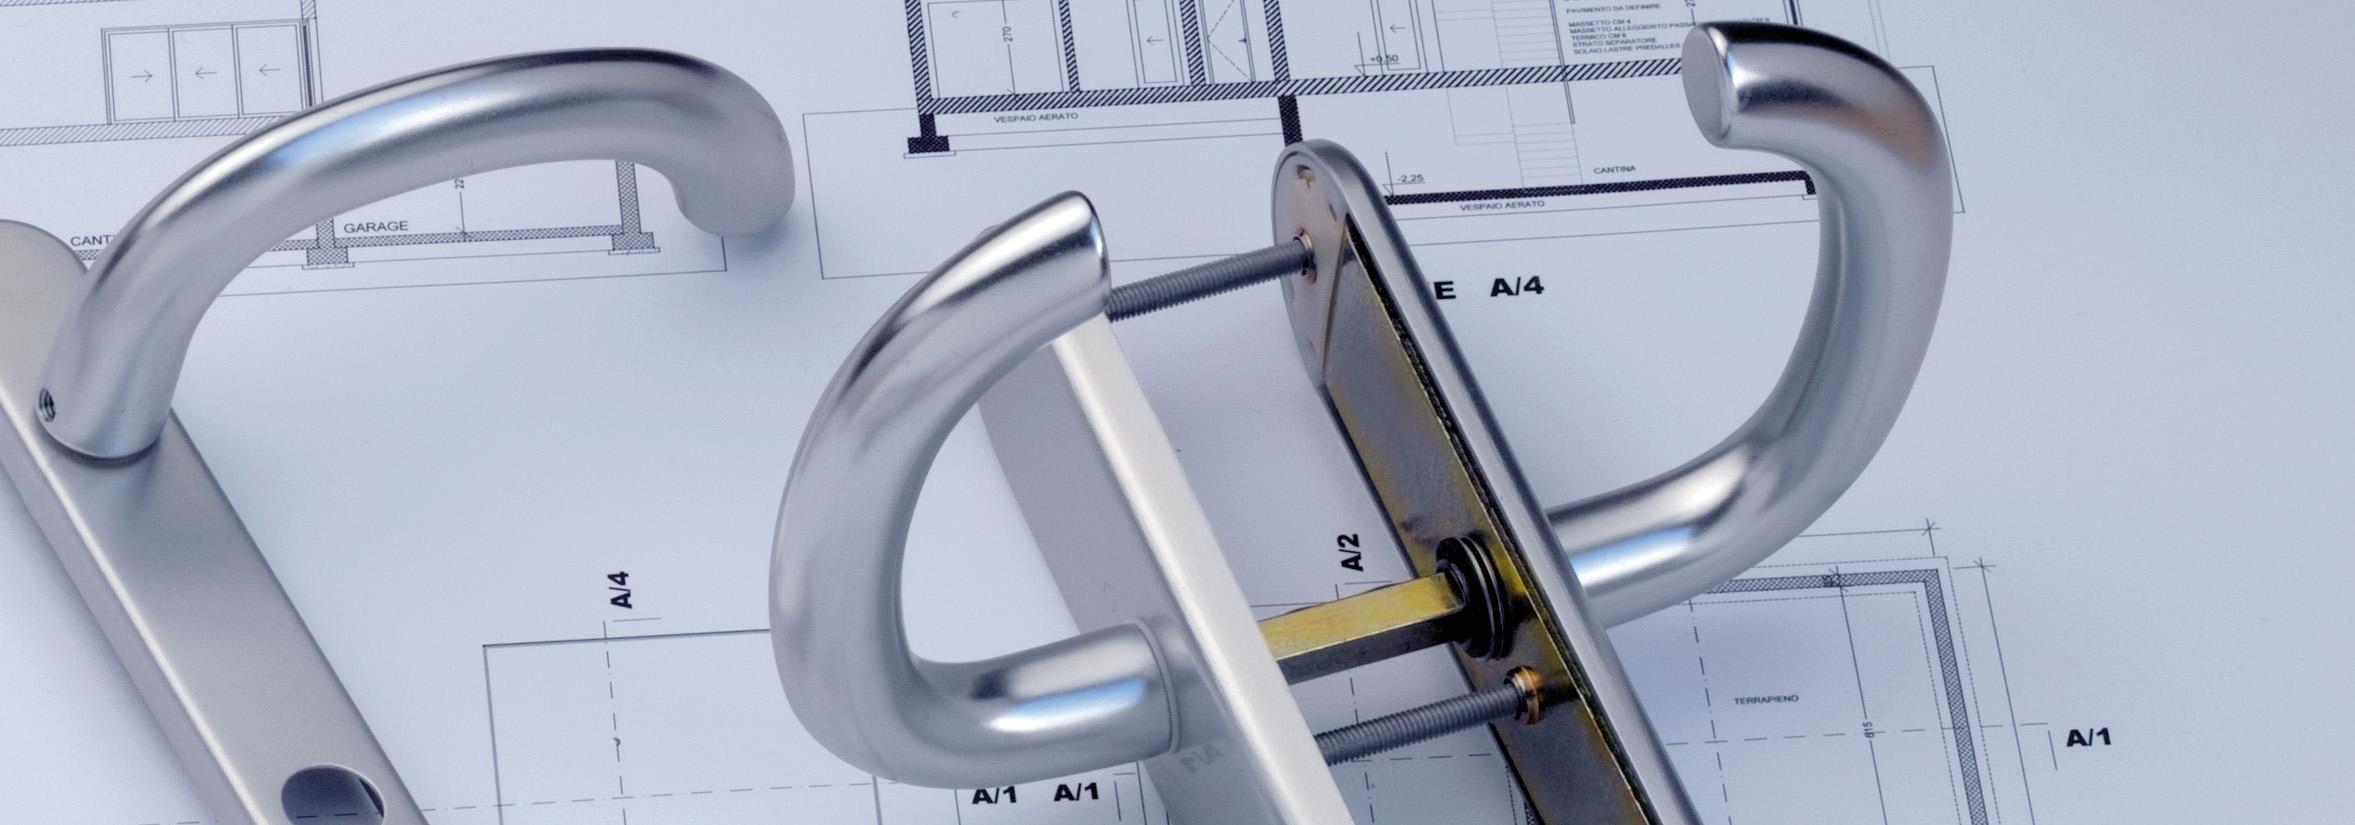 DIN EN 1125 逃生推杠锁标准